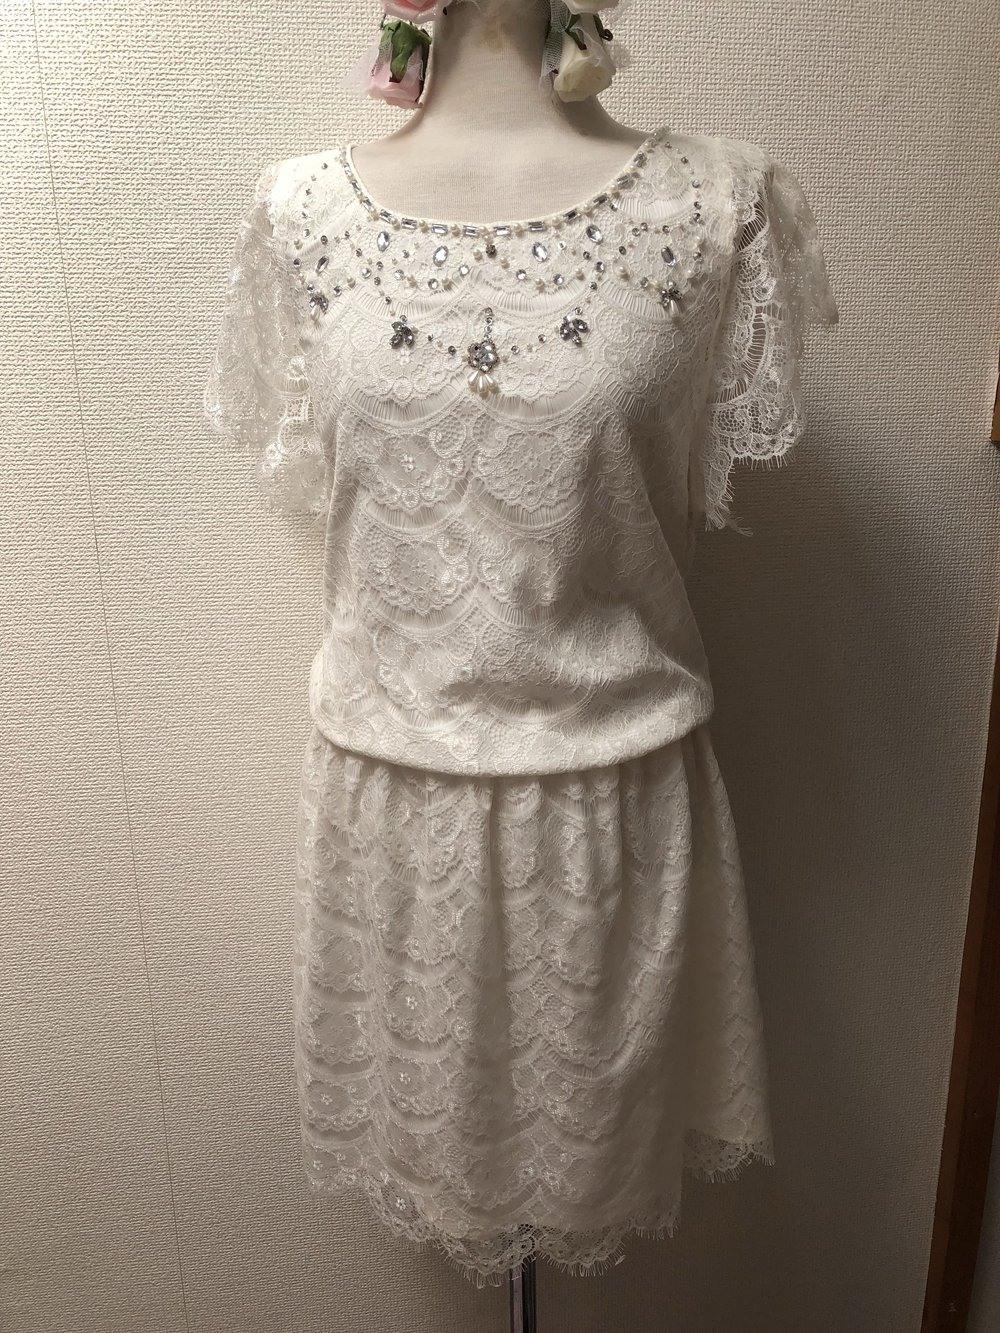 Designer Einzigartig Weißes Glitzer Kleid Spezialgebiet20 Kreativ Weißes Glitzer Kleid für 2019